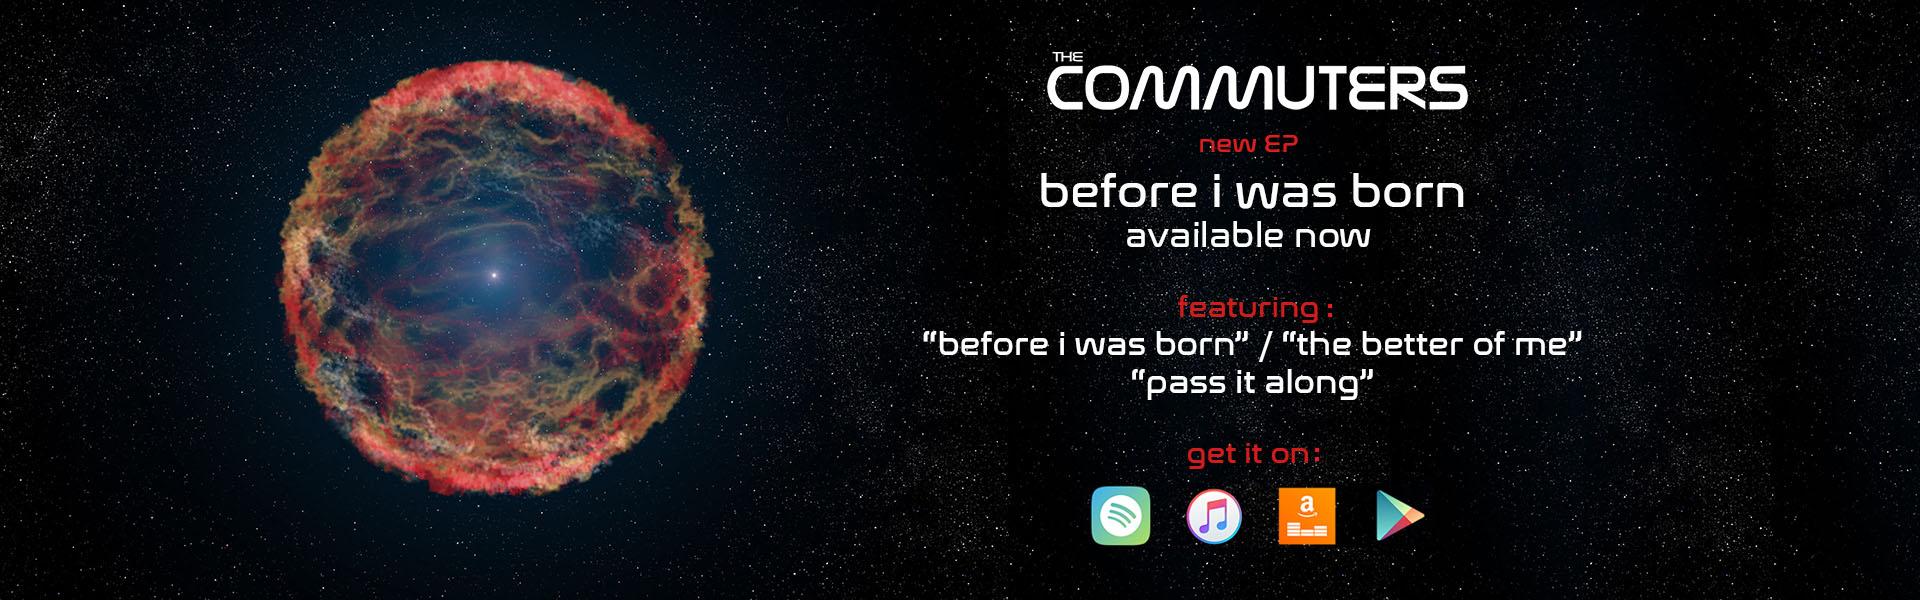 Face Commuters